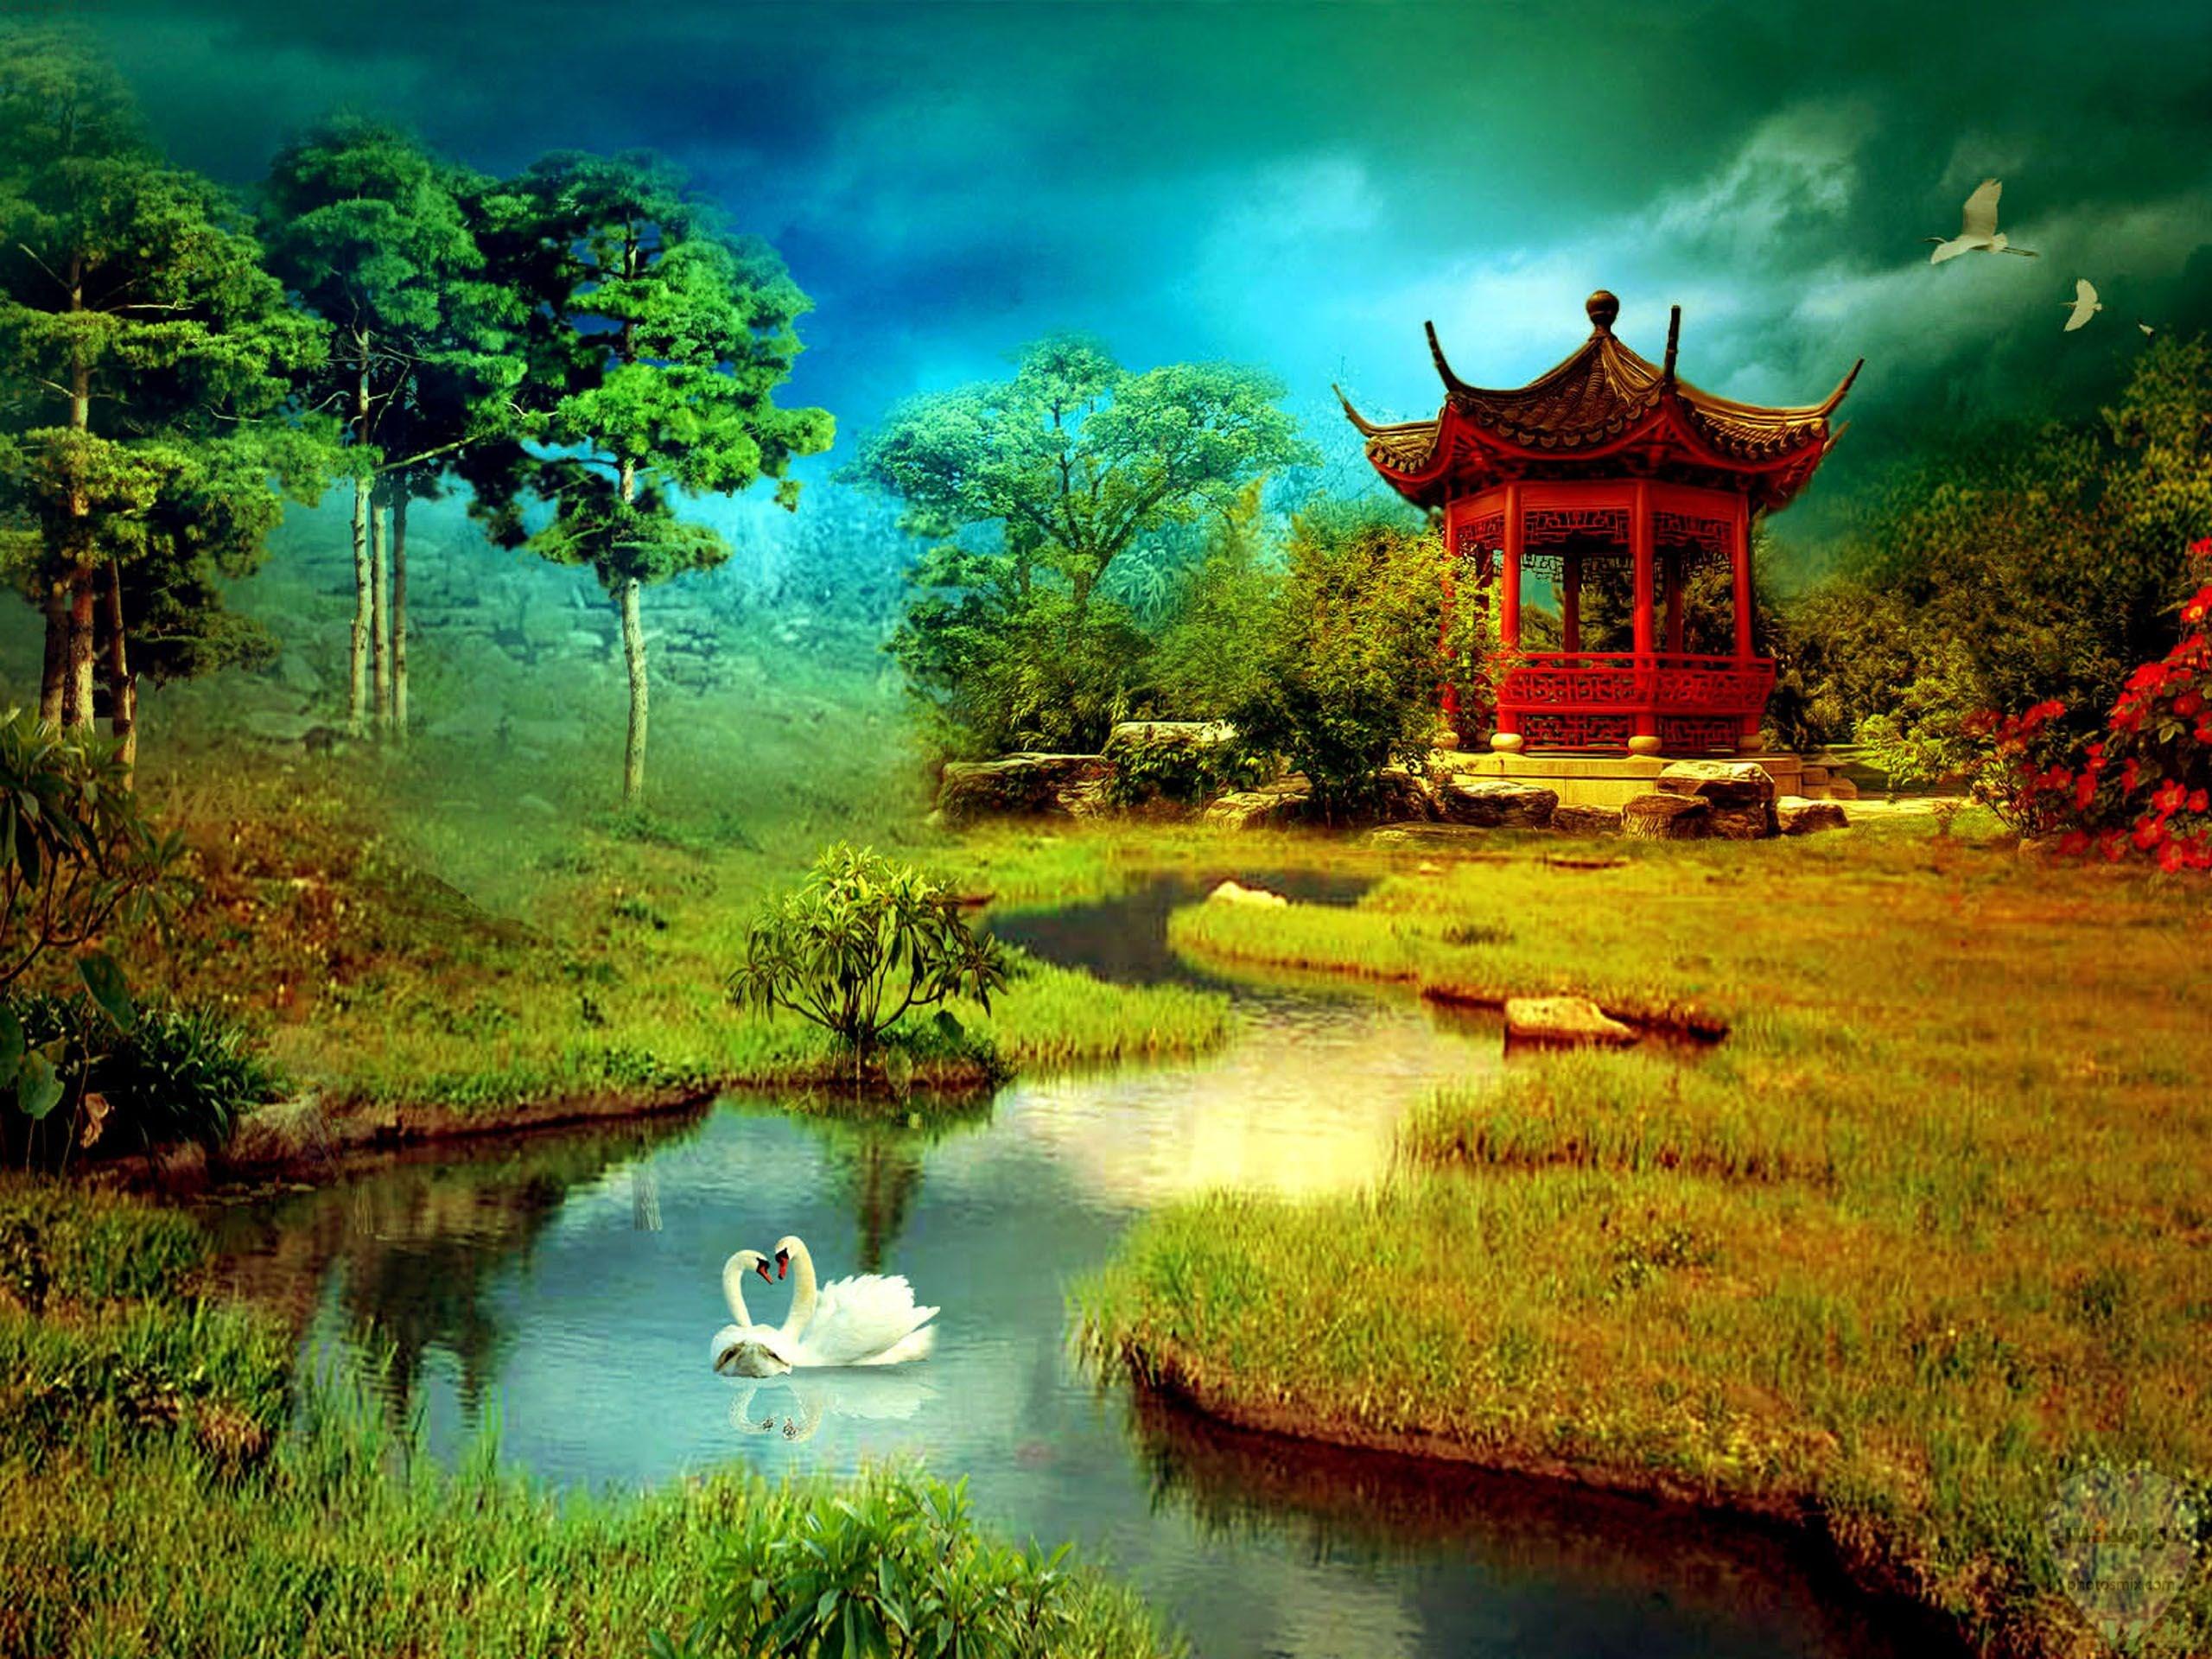 مكونات الطبيعة جمال الطبيعة فوائد الطبيعة صورمن الطبيعة 3